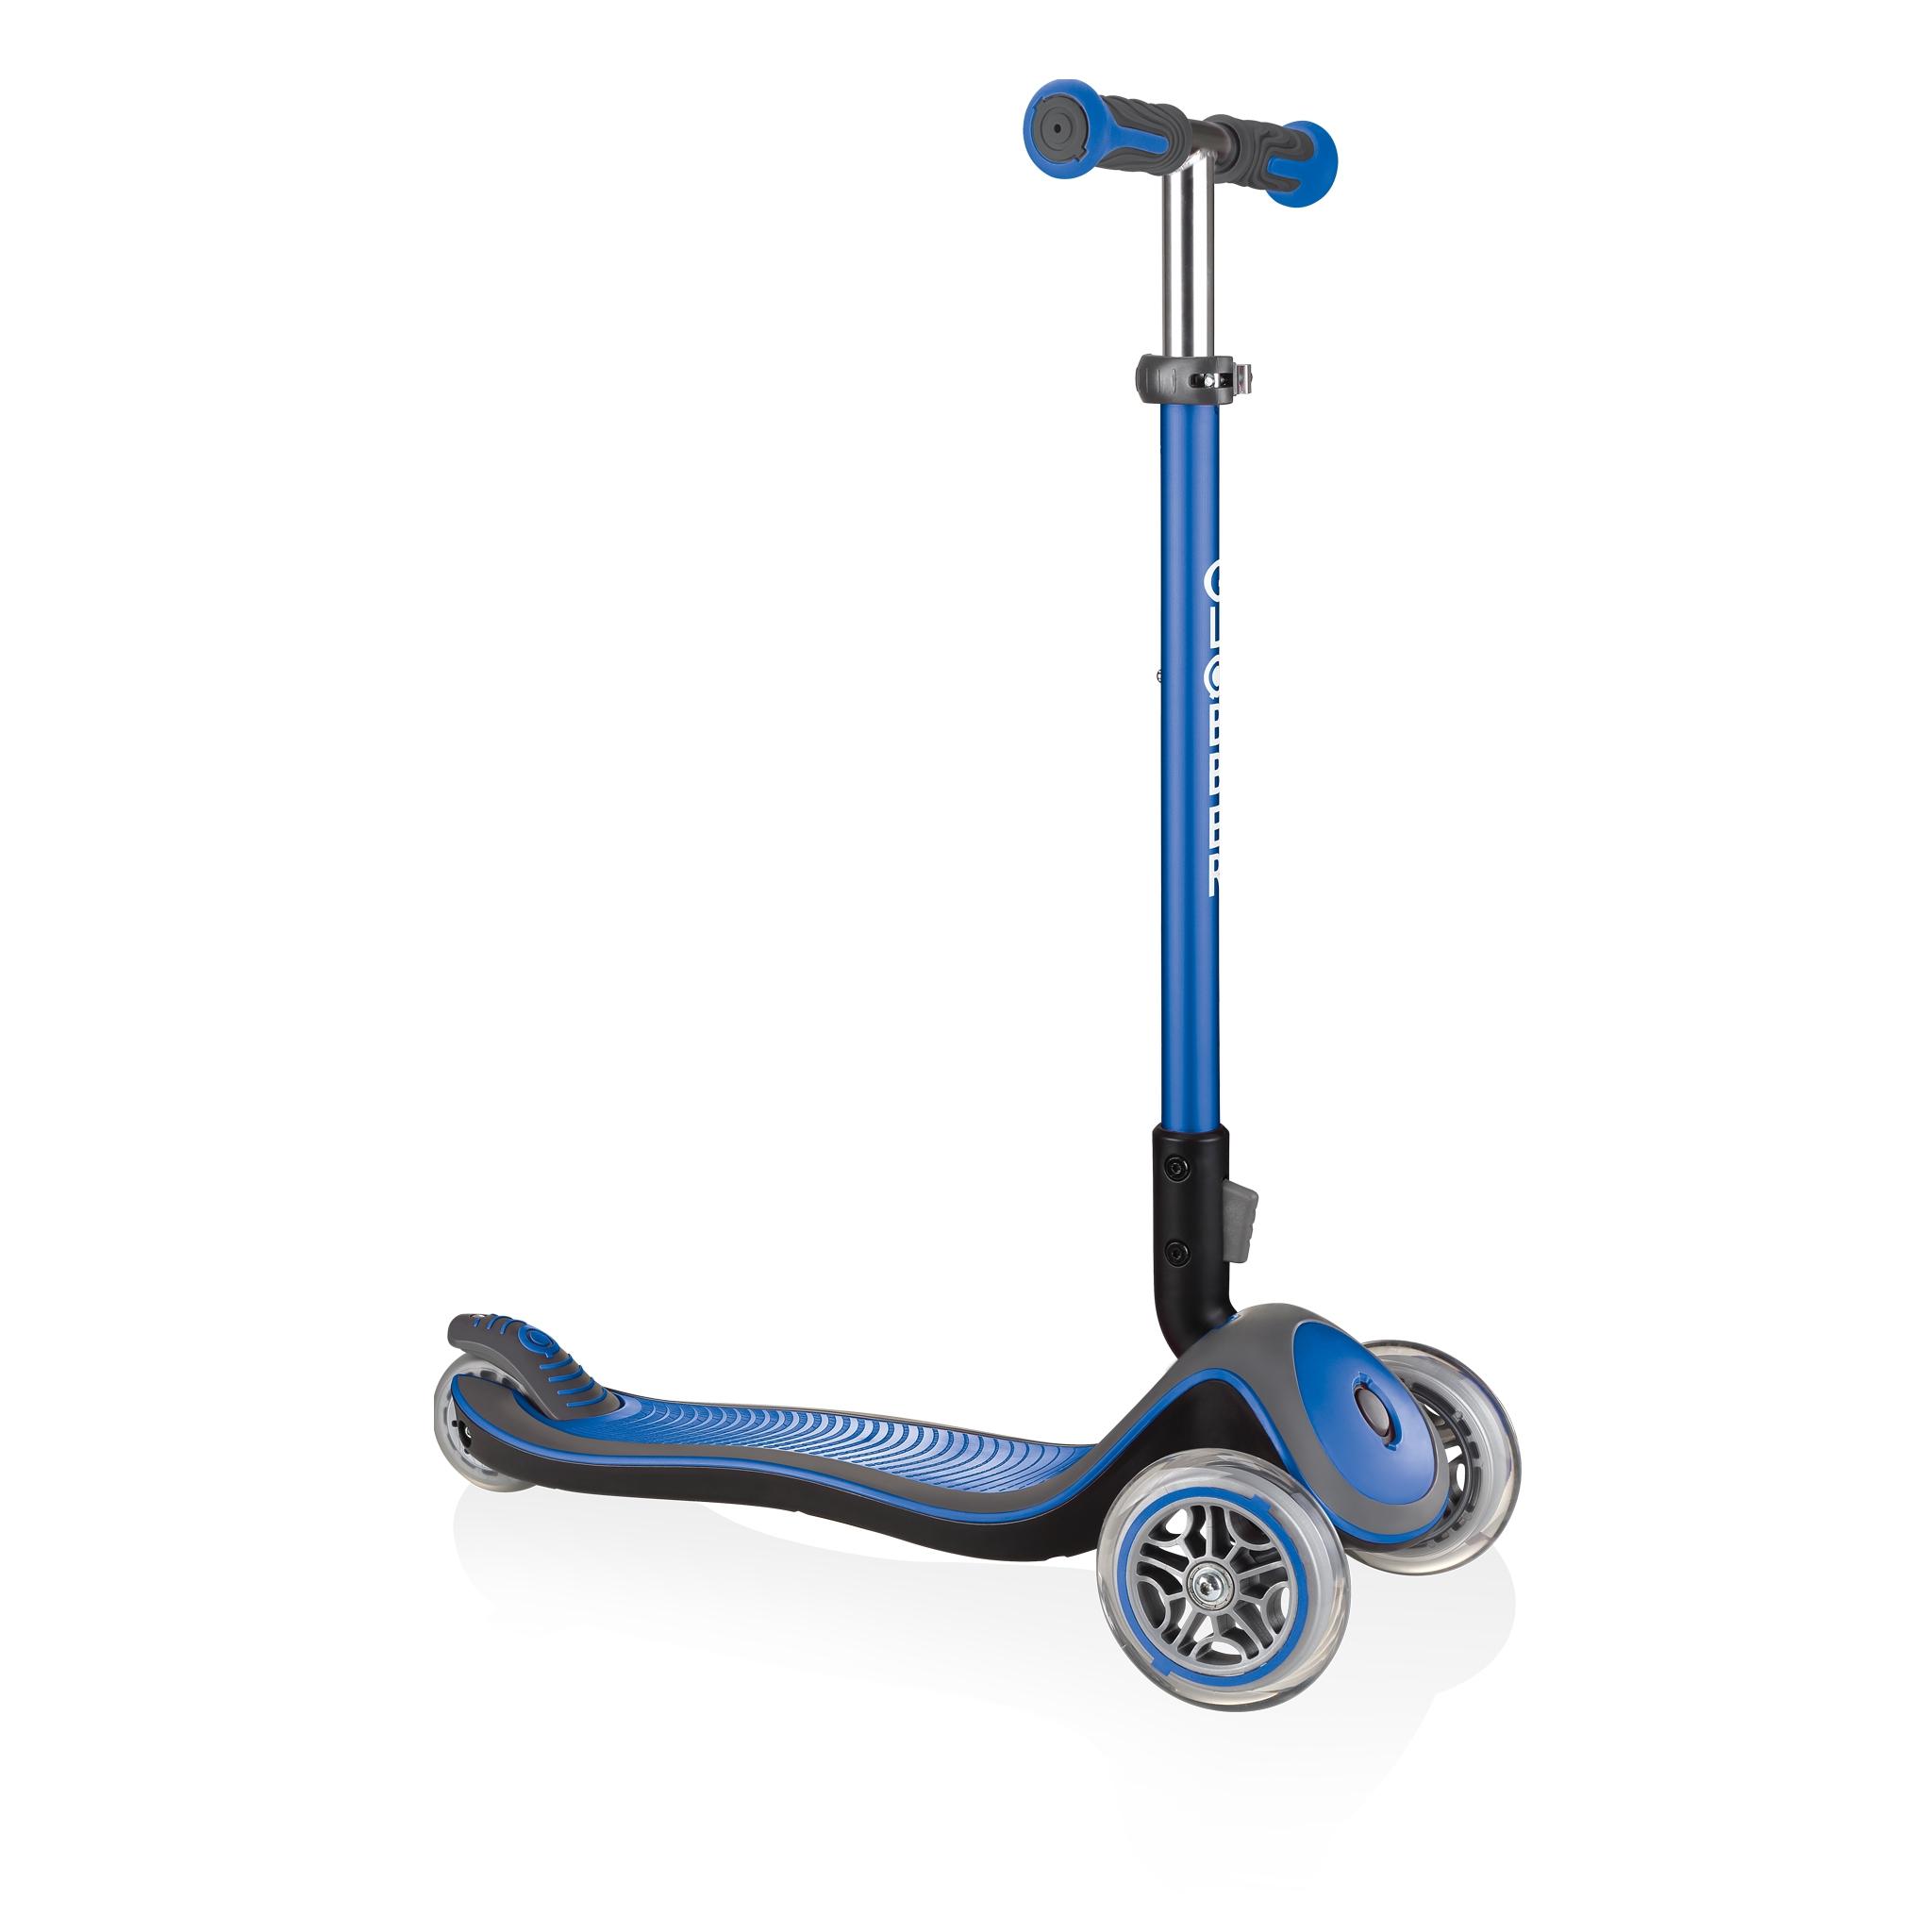 Globber-ELITE-DELUXE-Best-3-wheel-foldable-scooter-for-kids-aged-3+-navy-blue 0